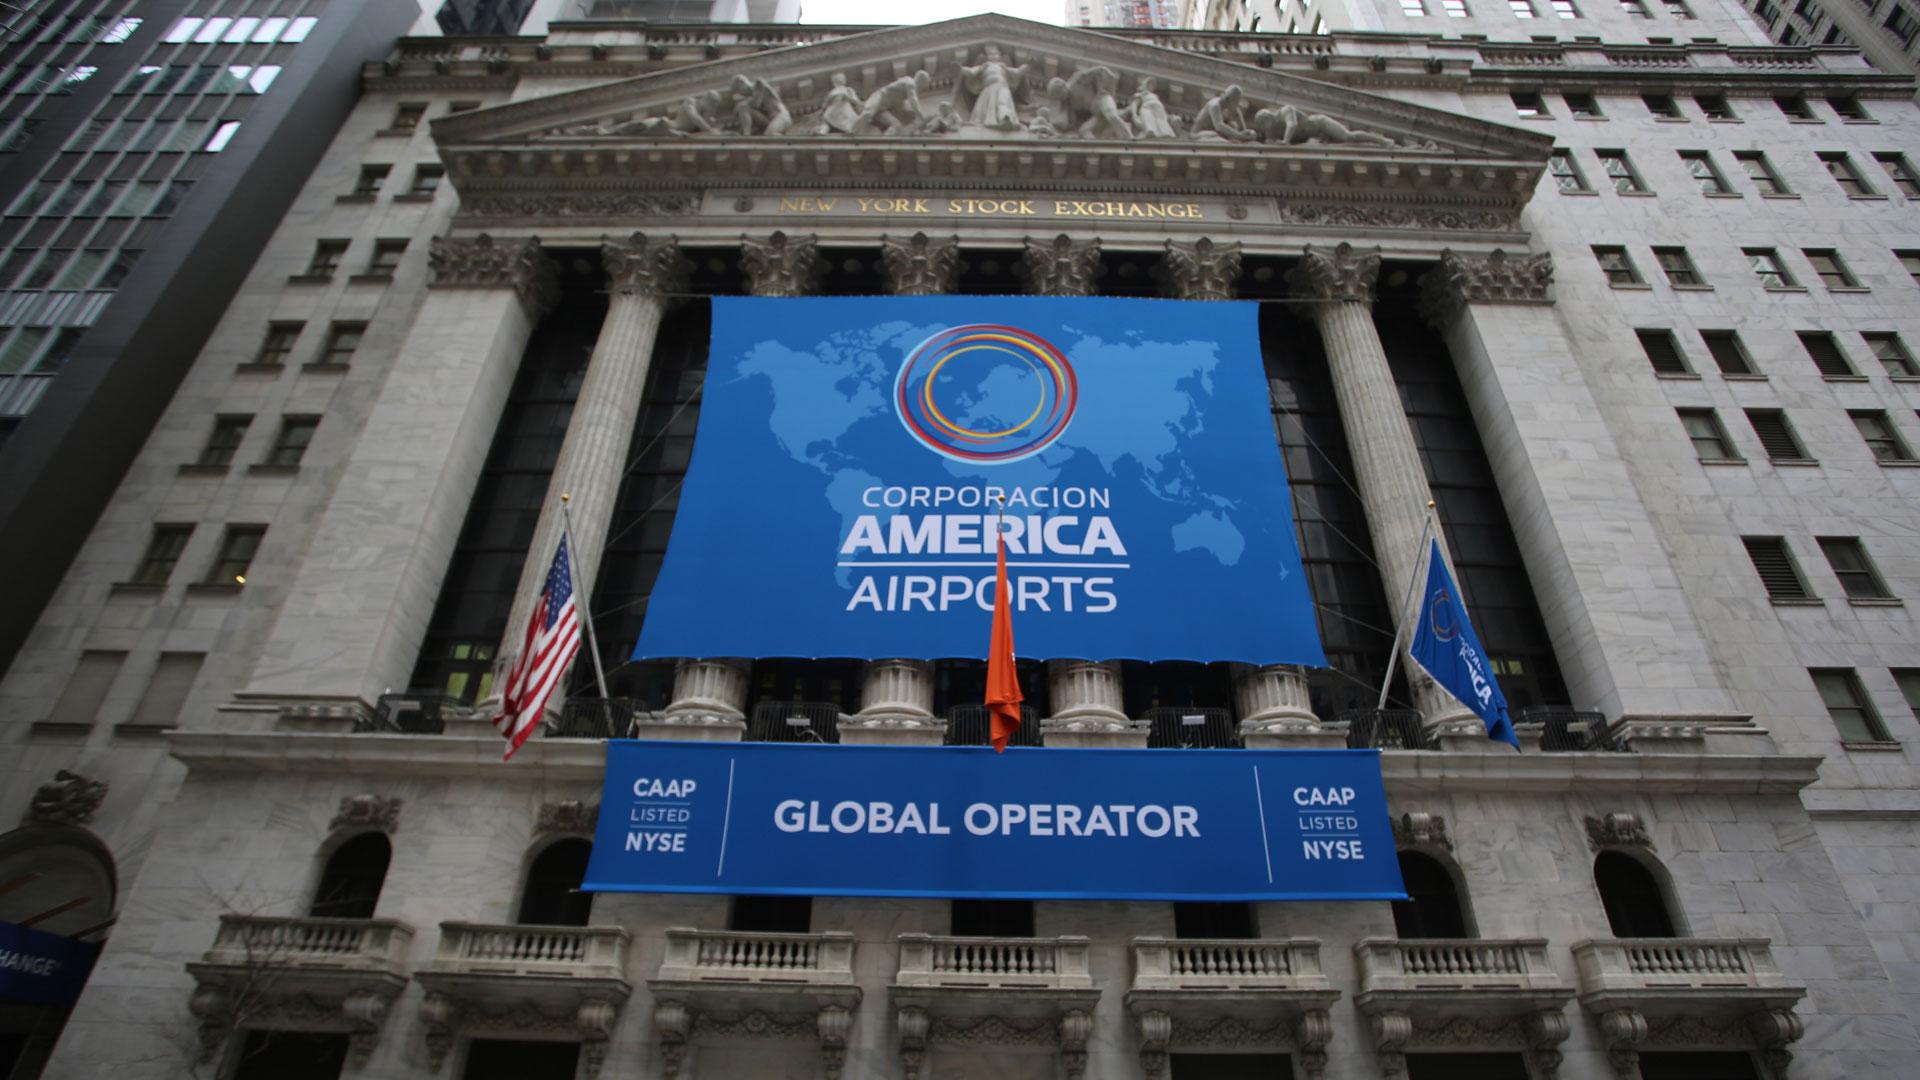 La tradicional fachada con los banners que celebraban la llegada de Corporación America Airports a sus pizarras de cotización. (New York Stock Exchange, NYSE)